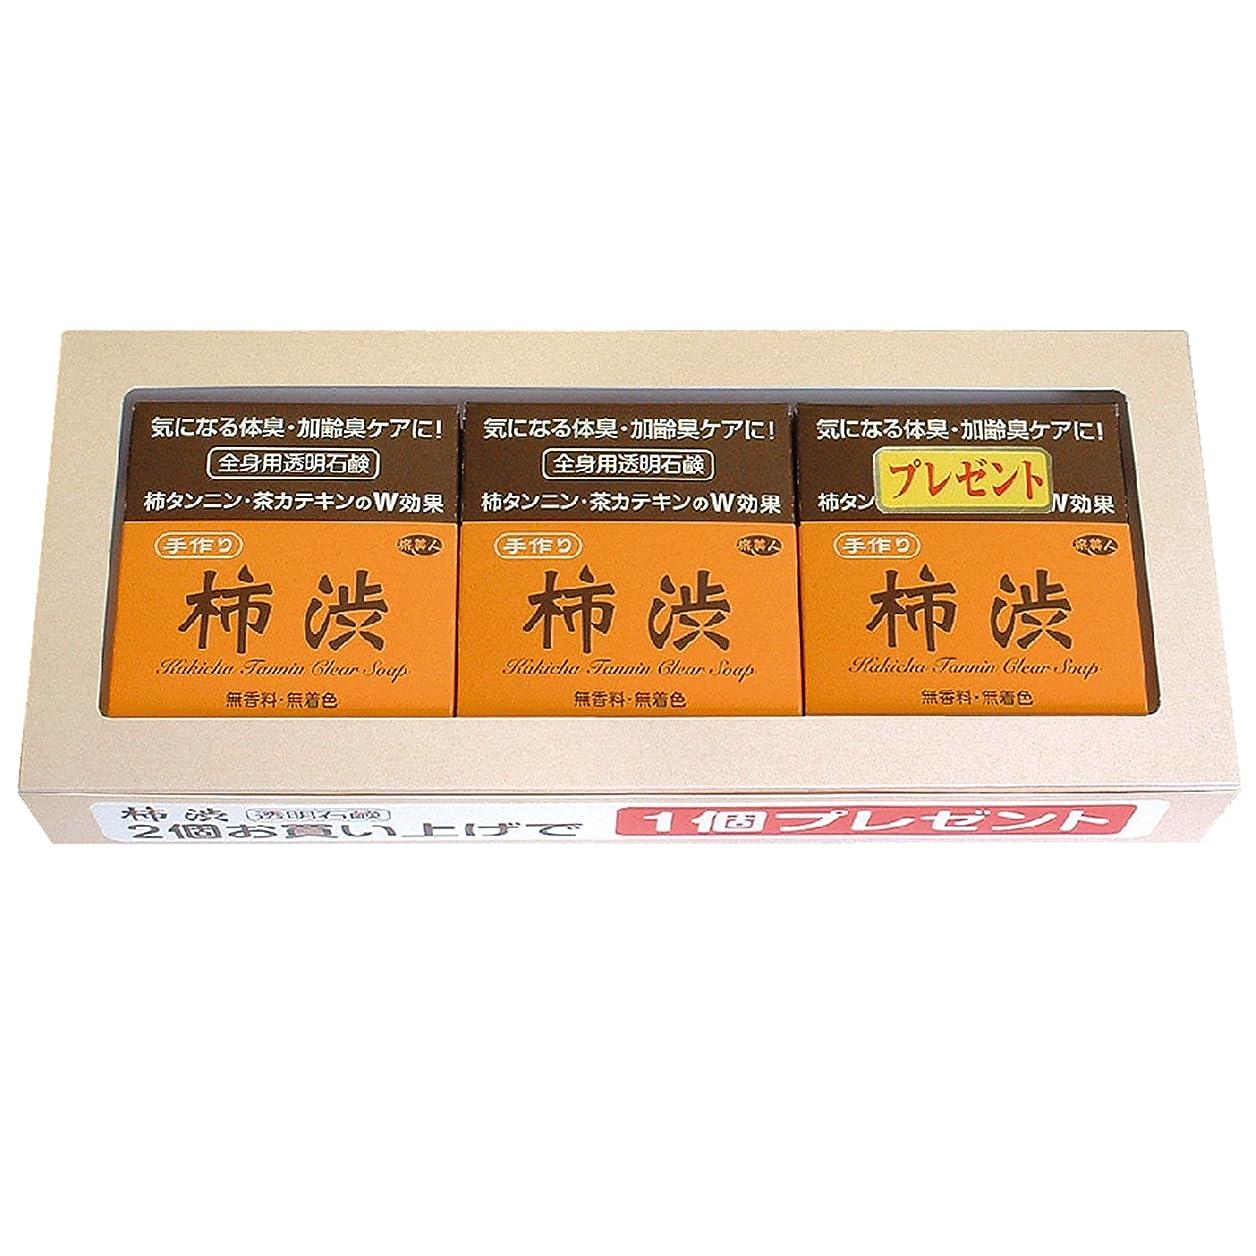 レーザ印象派株式会社アズマ商事の 柿渋透明石鹸 2個の値段で3個入りセット